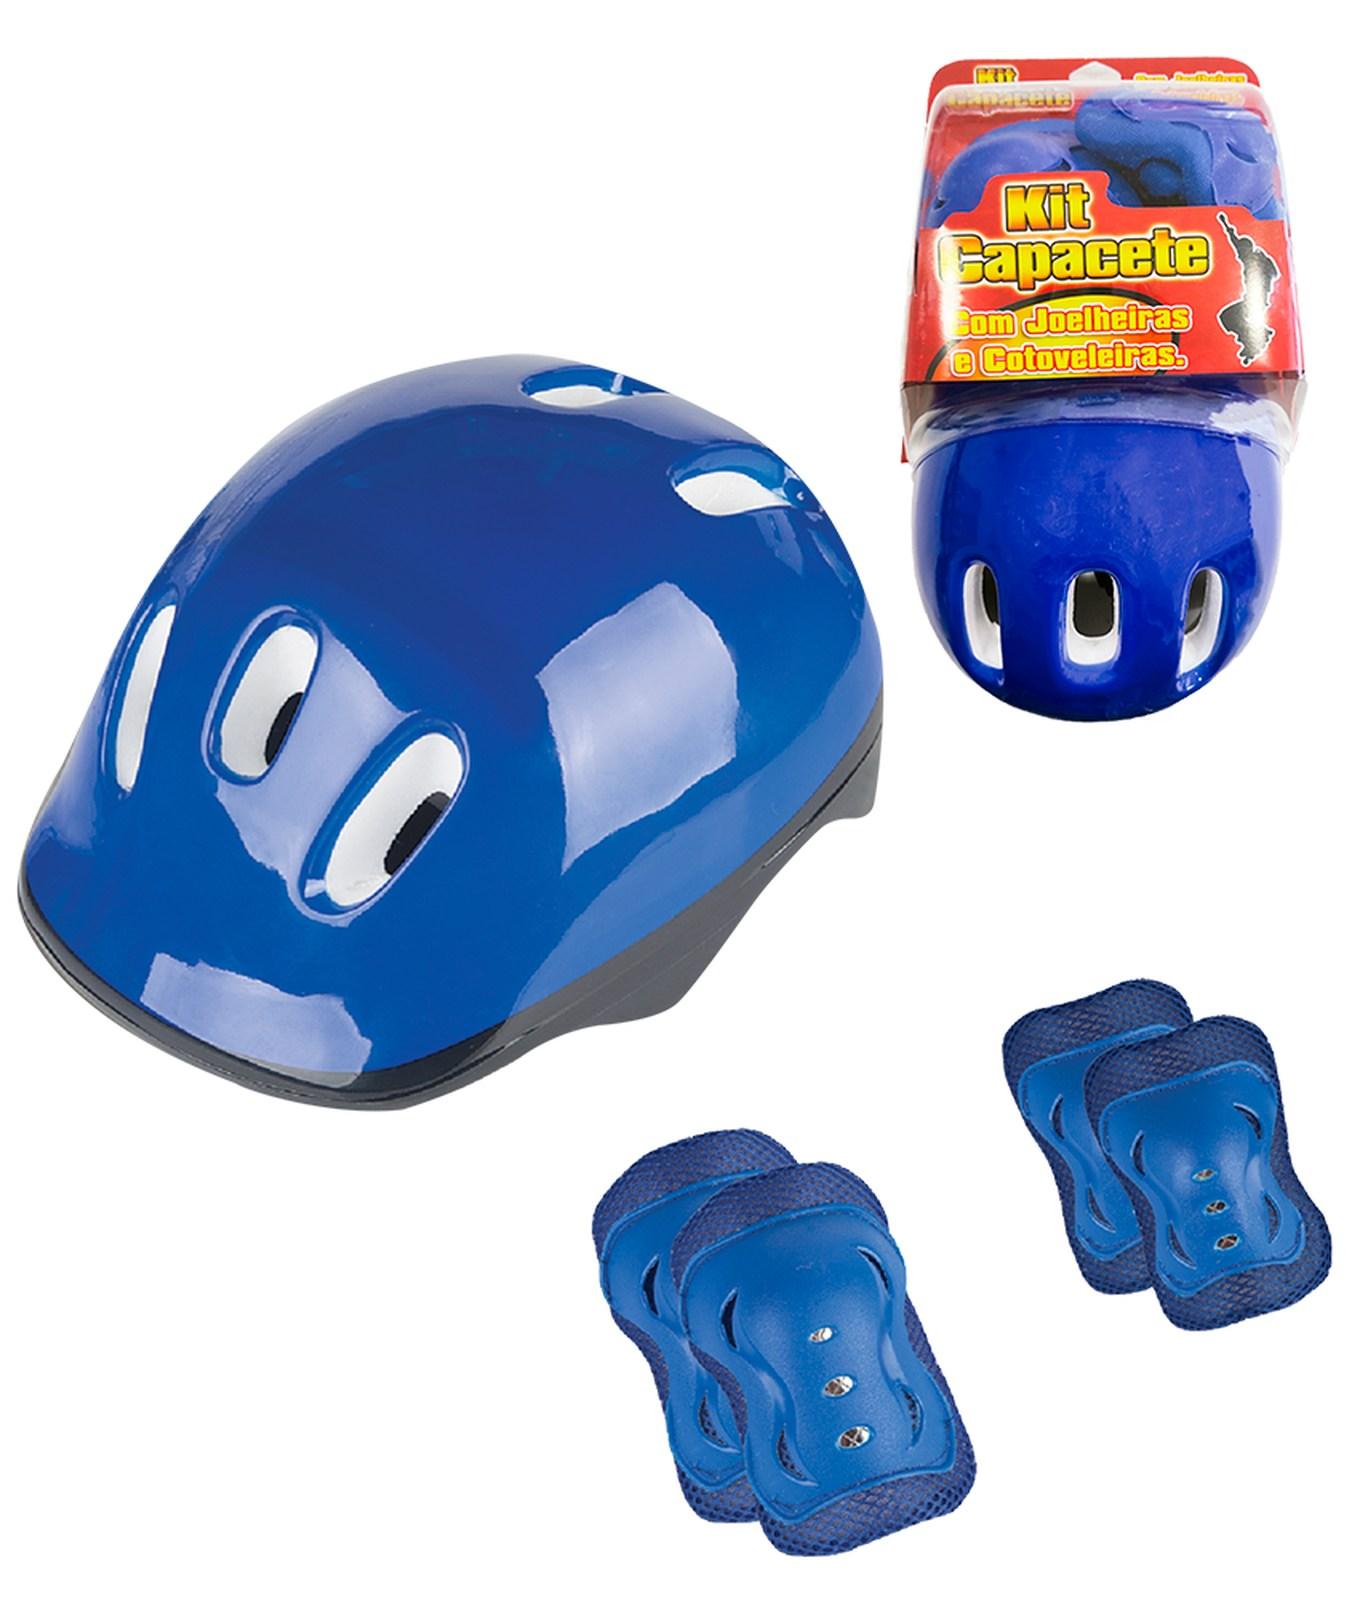 Kit de Proteção Capacete, Cotoveleiras e Joelheiras Fenix